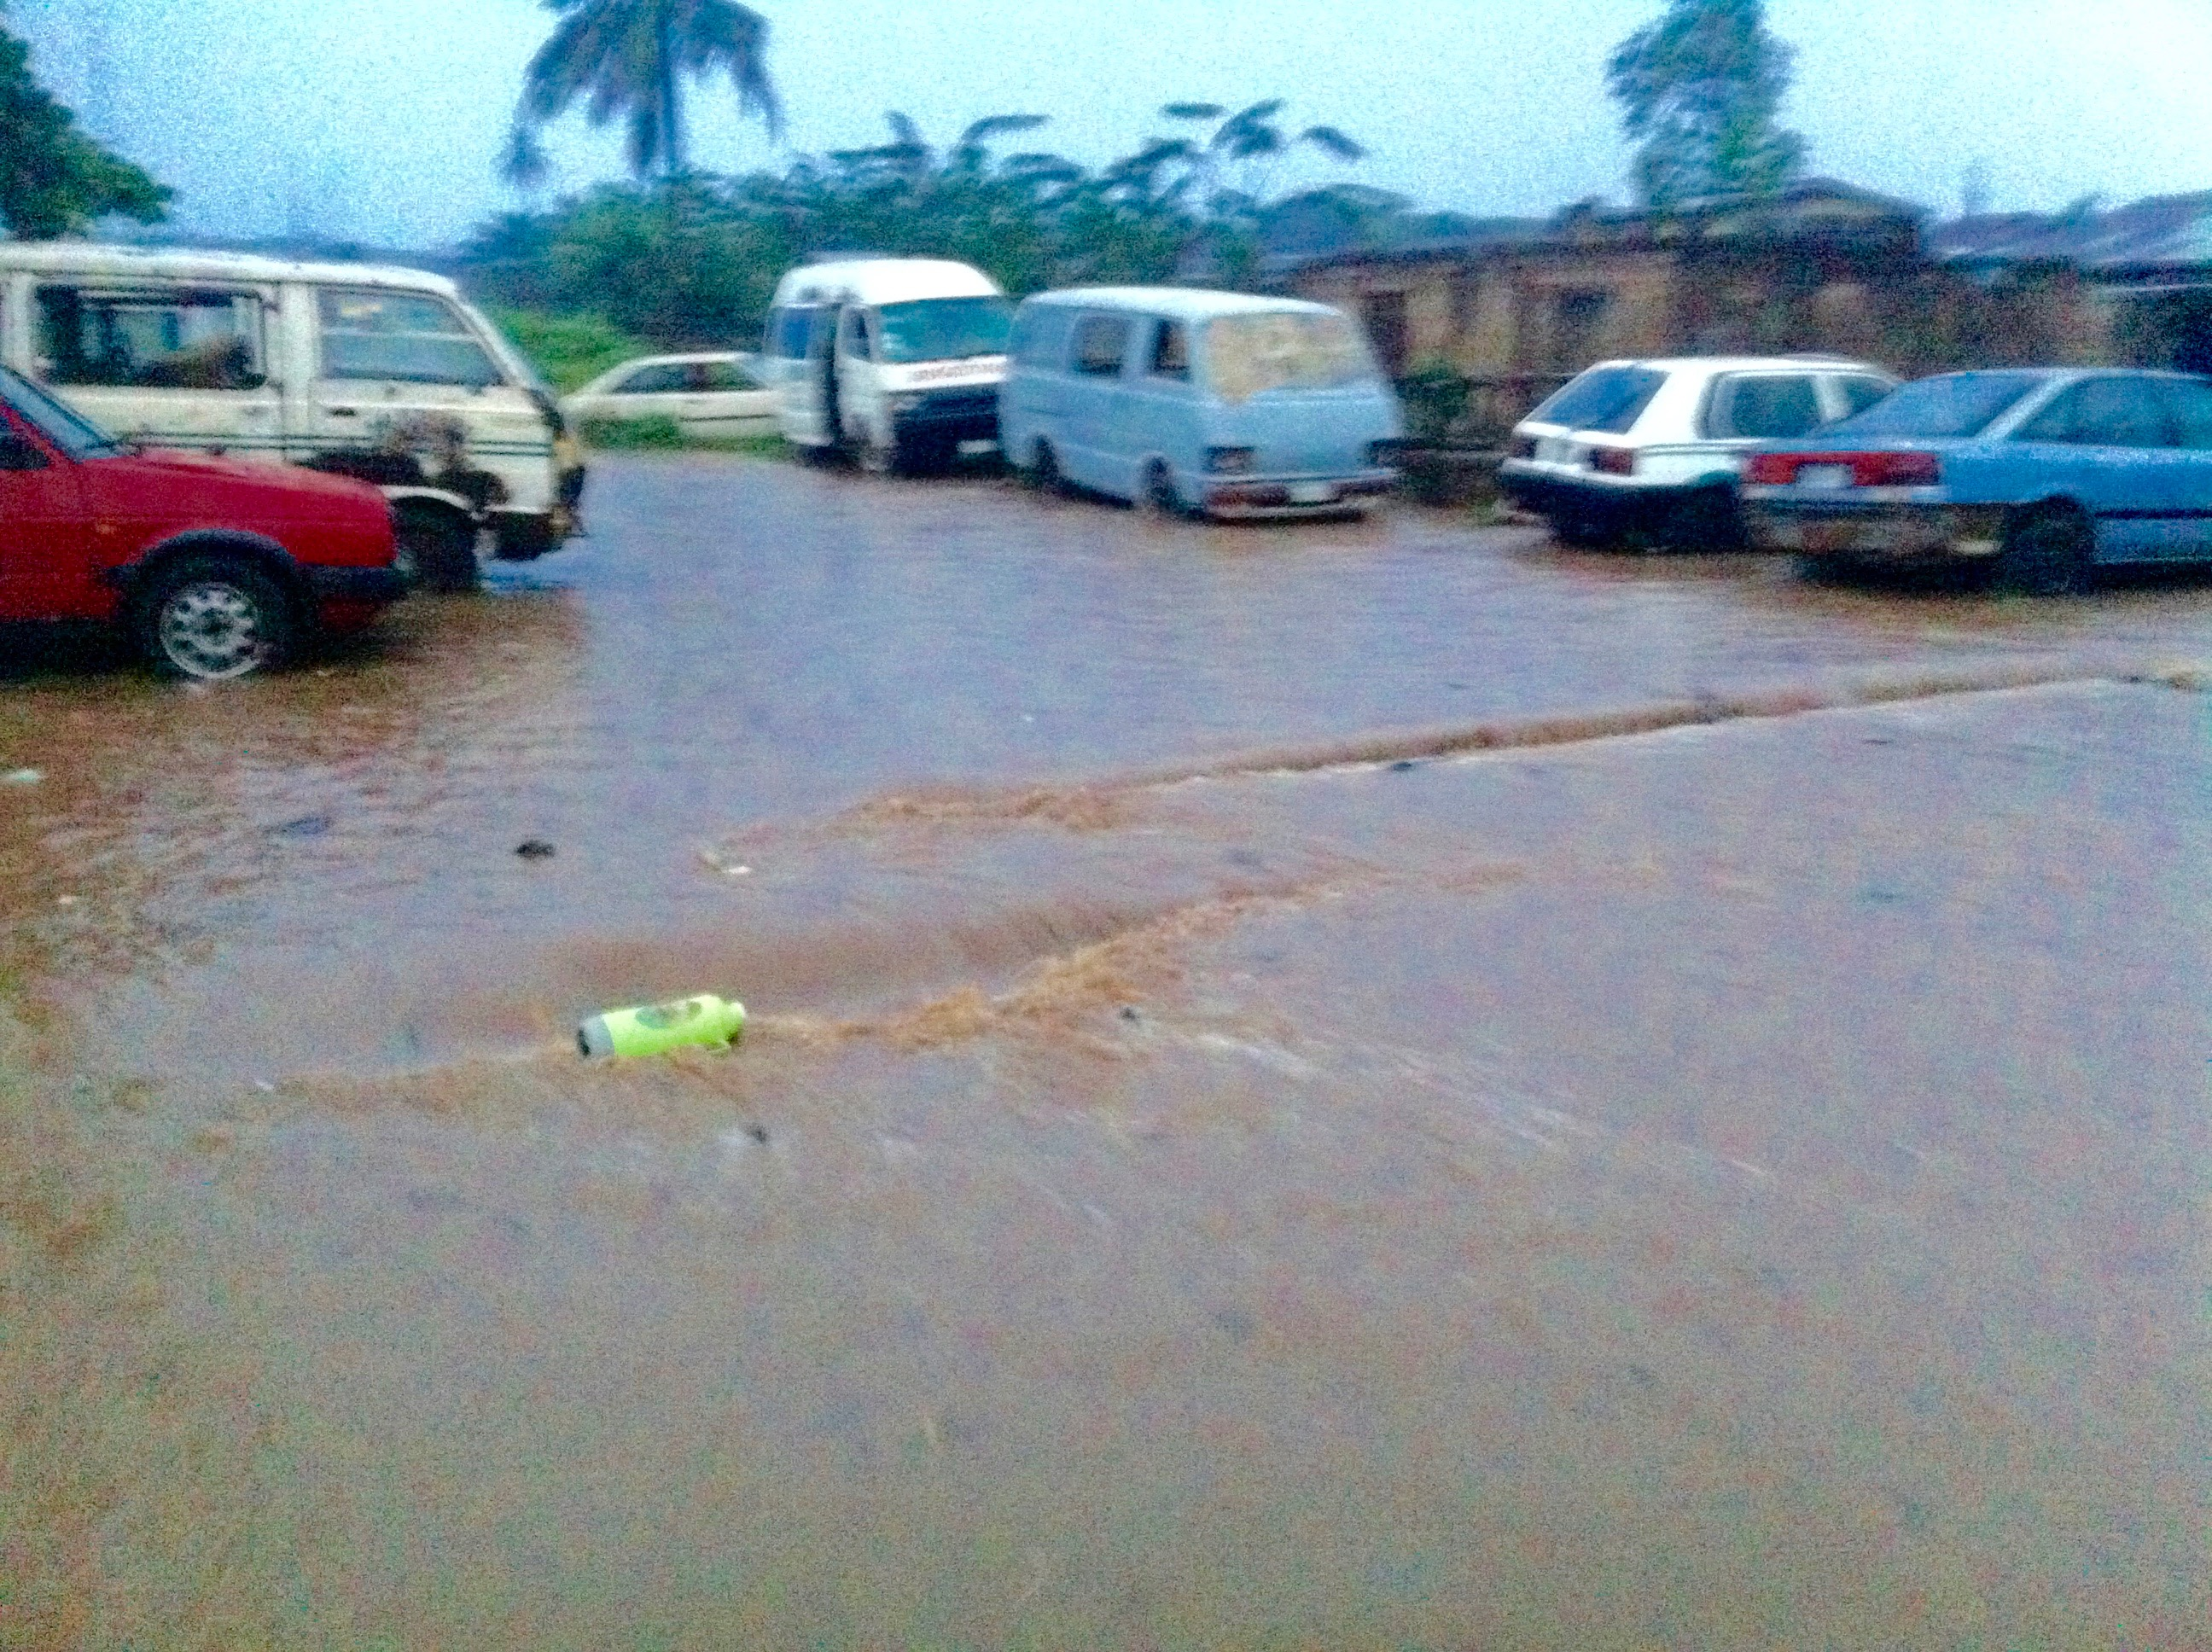 Flooding in Ibadan, Oyo State Nigeria